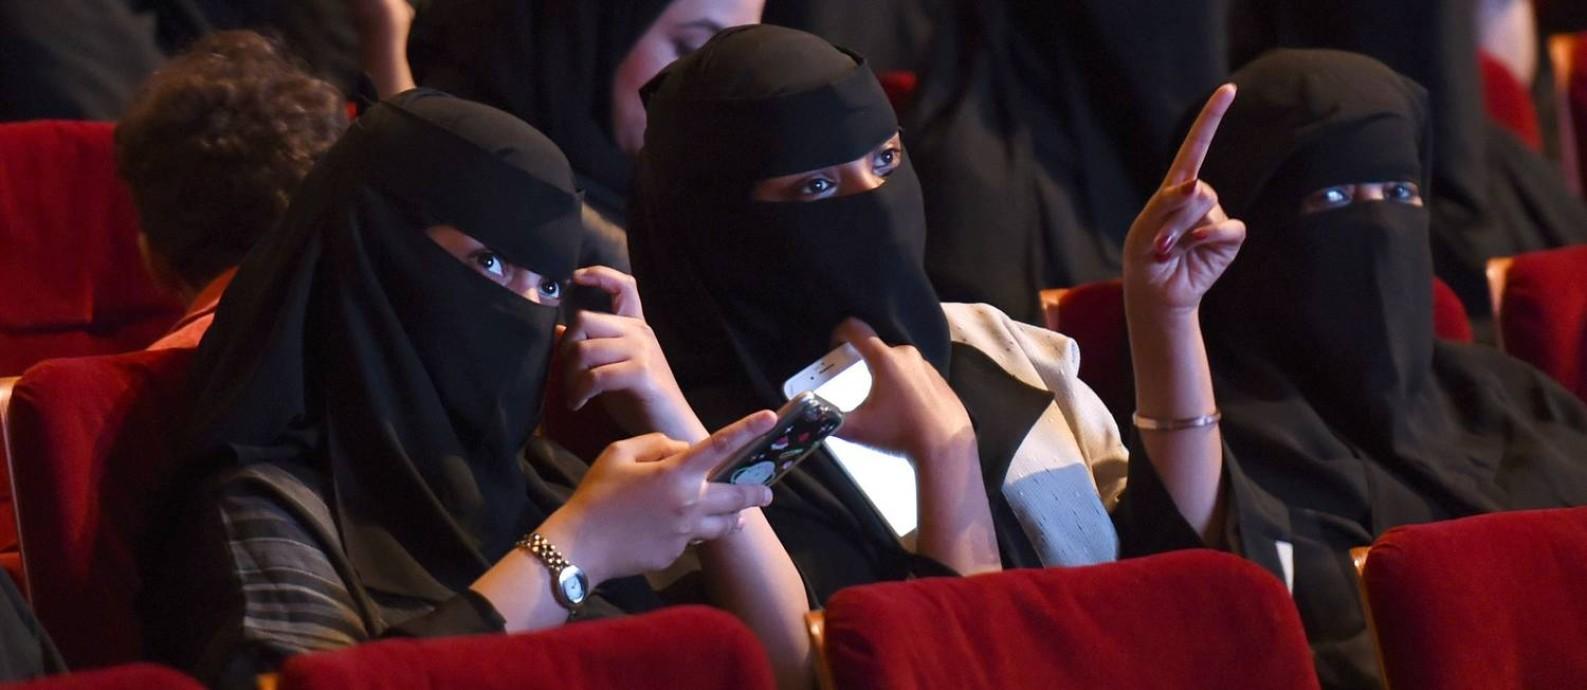 Sauditas participam de sessão no Centro de Cultura do Rei Fahad, em Riad Foto: FAYEZ NURELDINE / AFP